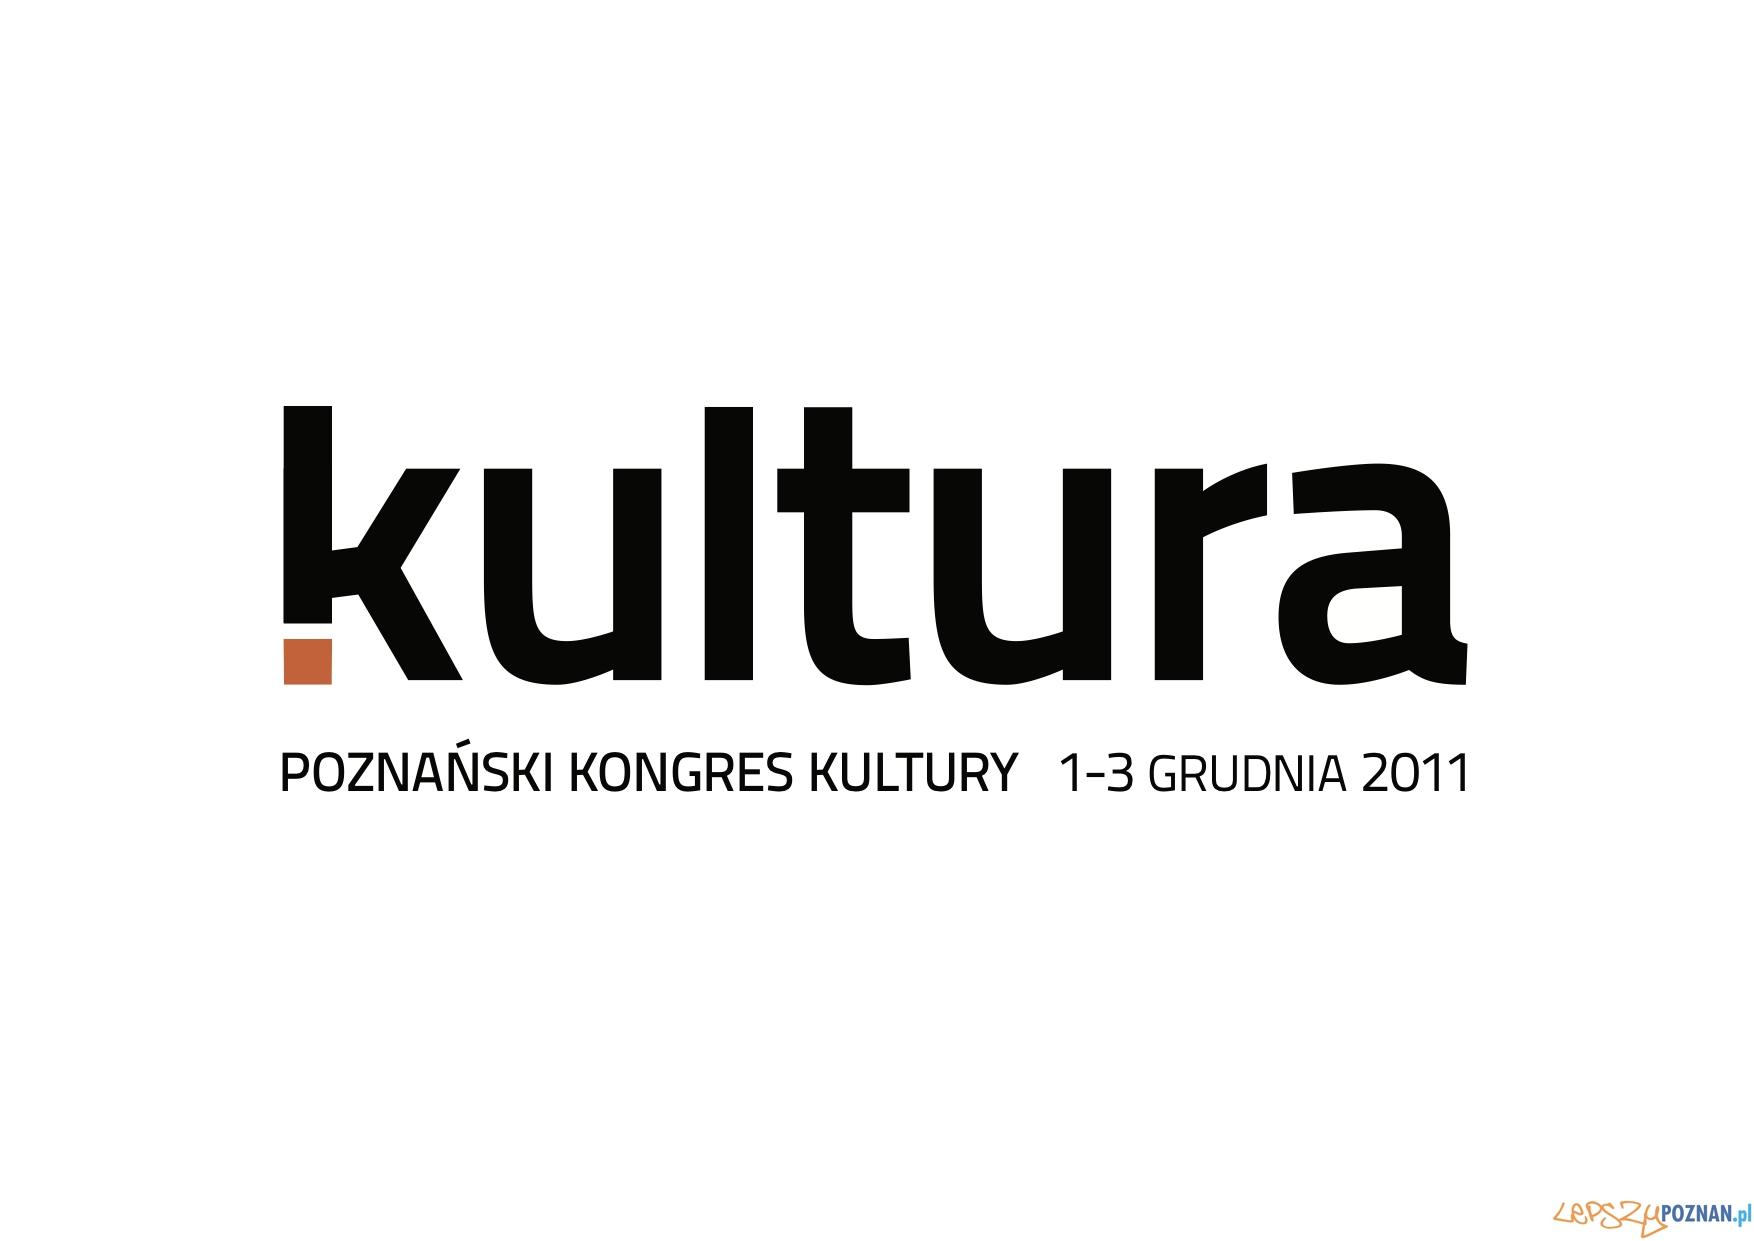 Poznański Kongres Kultury  Foto: Poznański Kongres Kultury